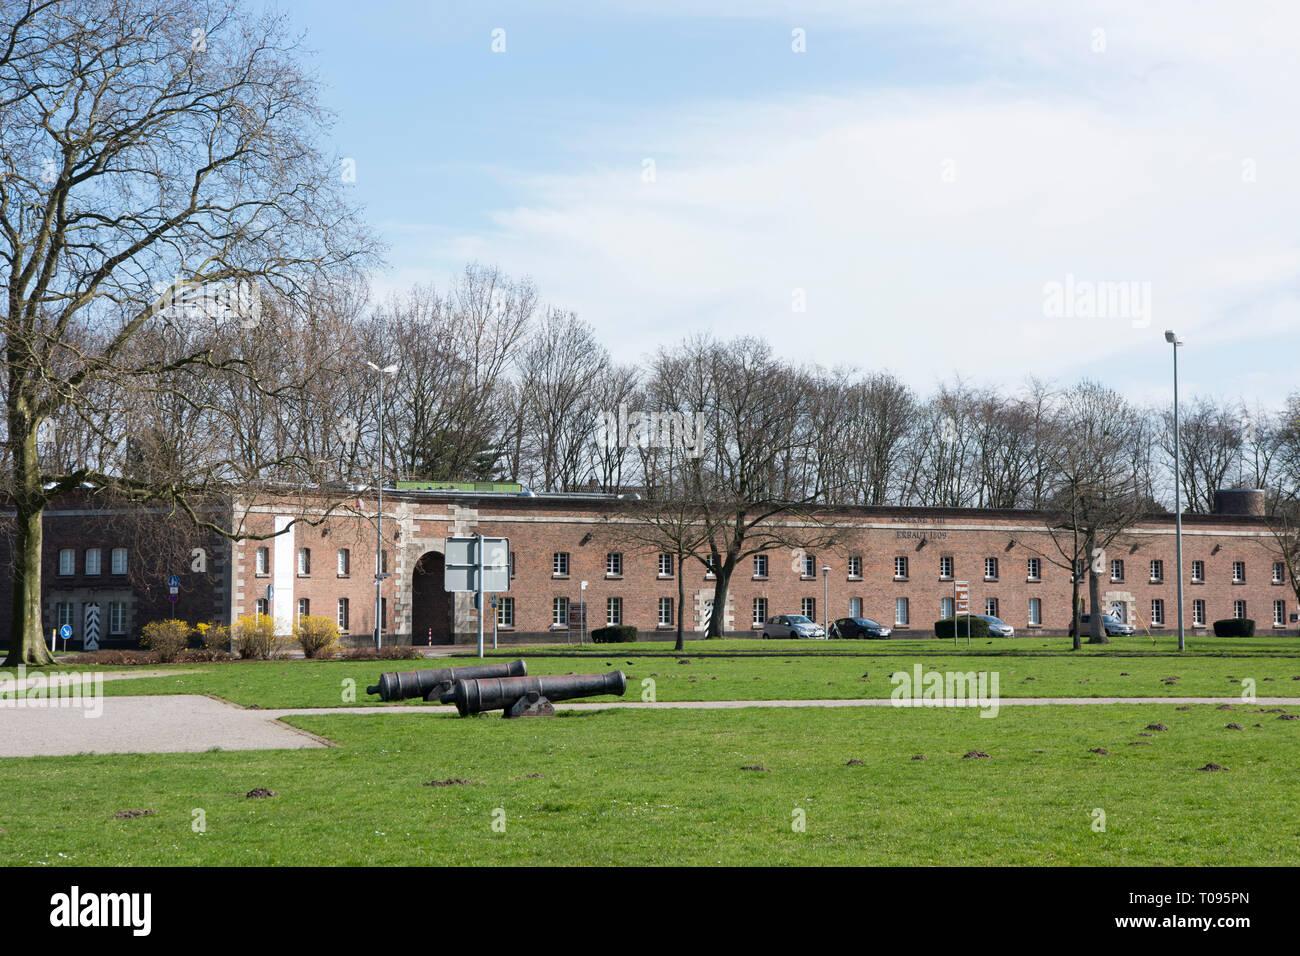 Deutschland, Nordrhein-Westfalen, Kreis Wesel, Wesel, Zitadelle Wesel, Kaserne No. VIII der Zitadelle, heute Musik- und Kunstschule - Stock Image